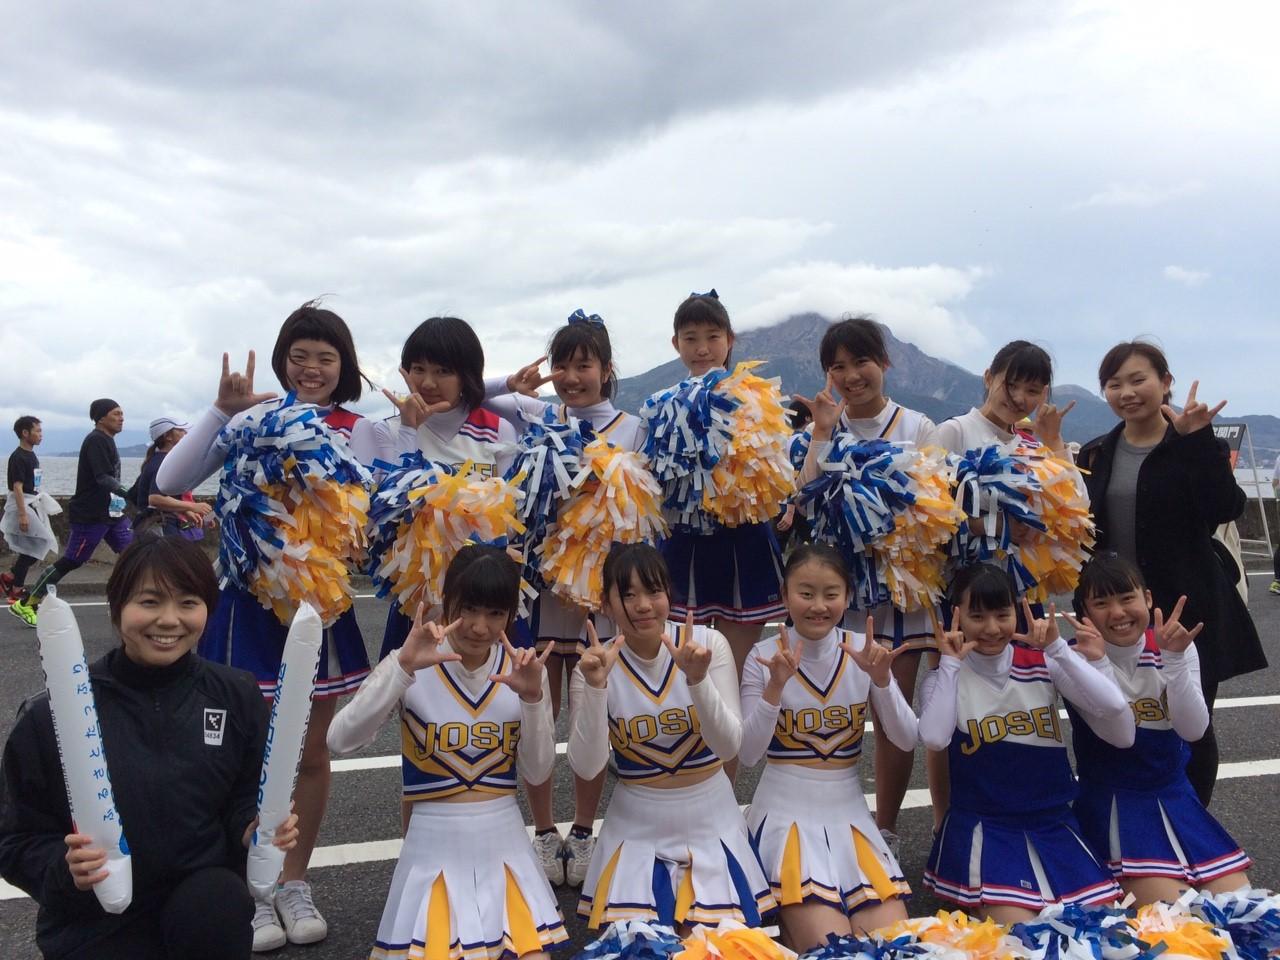 桜島を背景に記念撮影